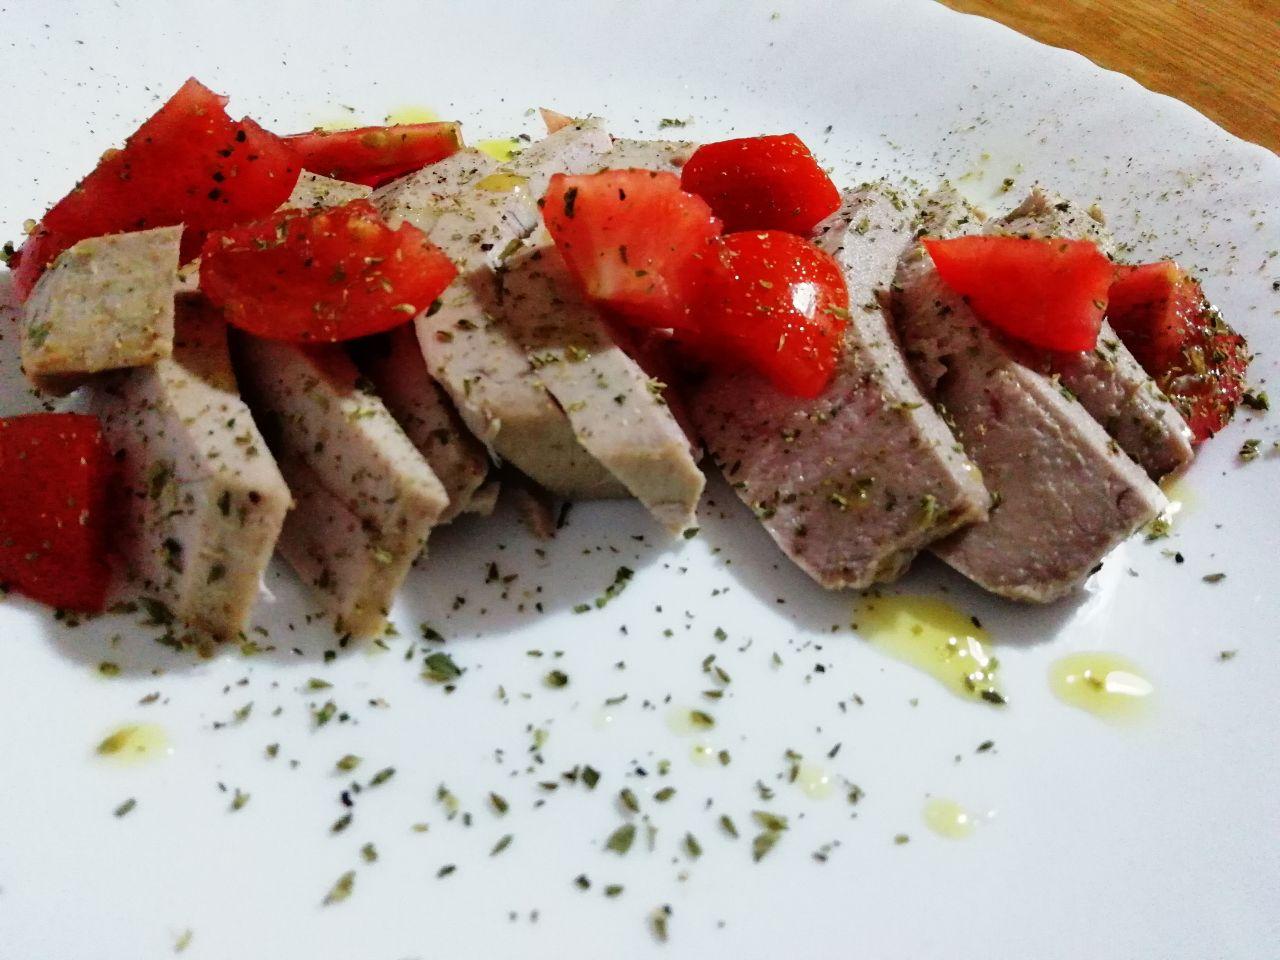 Secondi piatti a base di pesce: tagliata di tonno fresco con pomodorini!